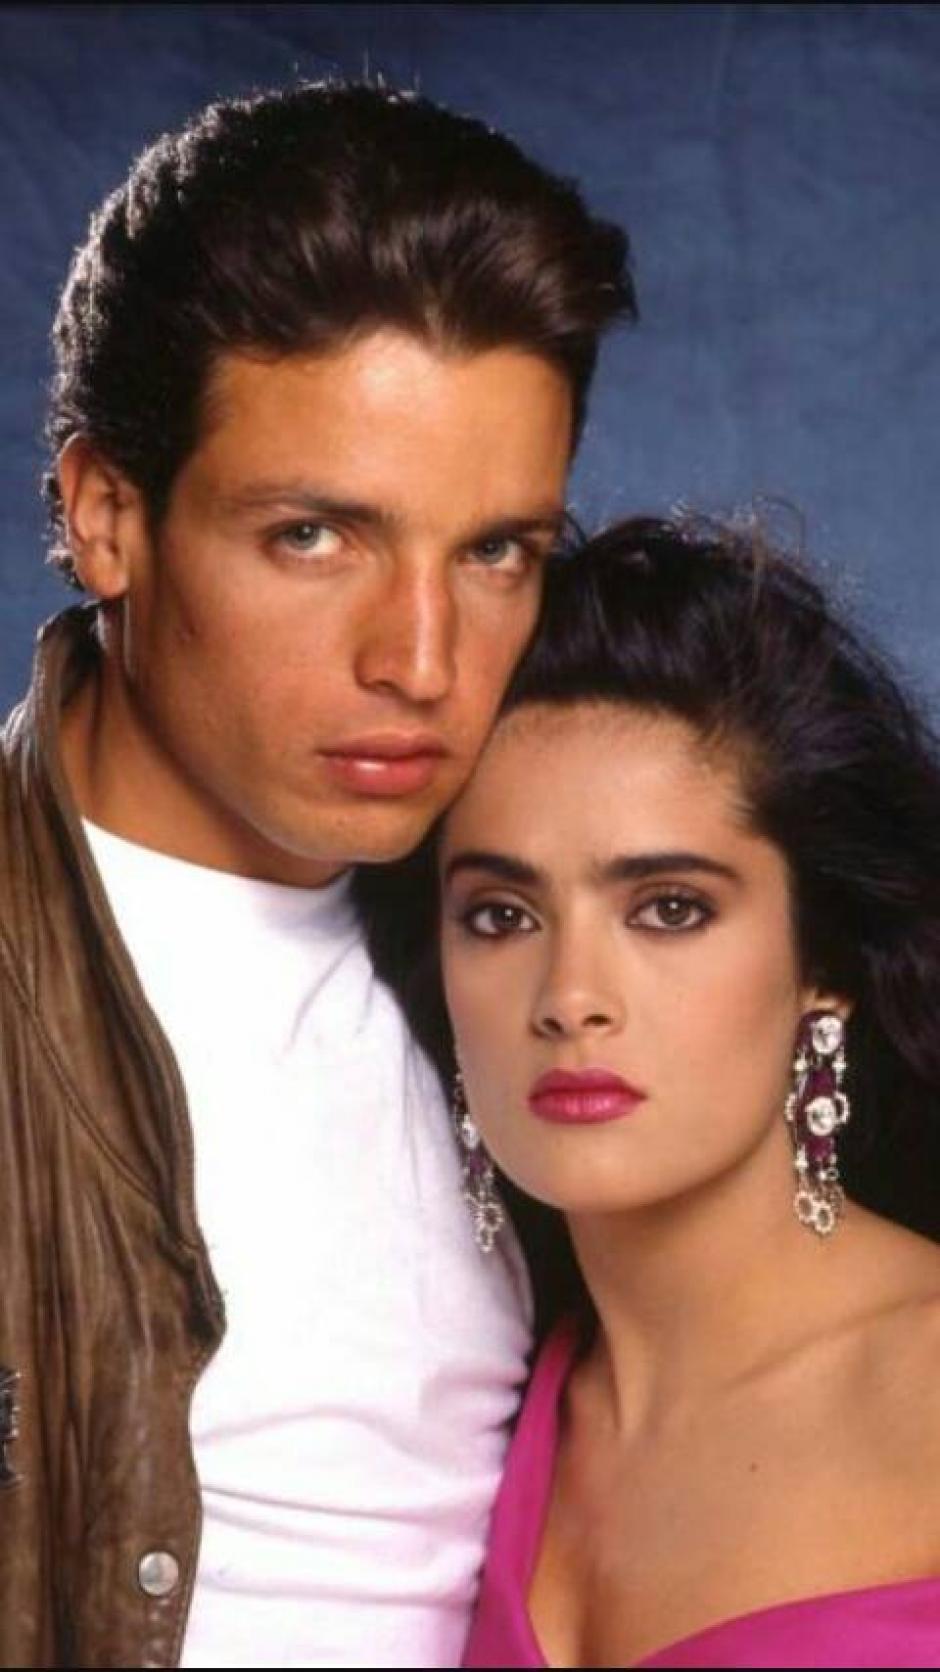 Una imagen del actor cuando fue galán de telenovelas. (Foto: Facebook/Rafael Rojas)